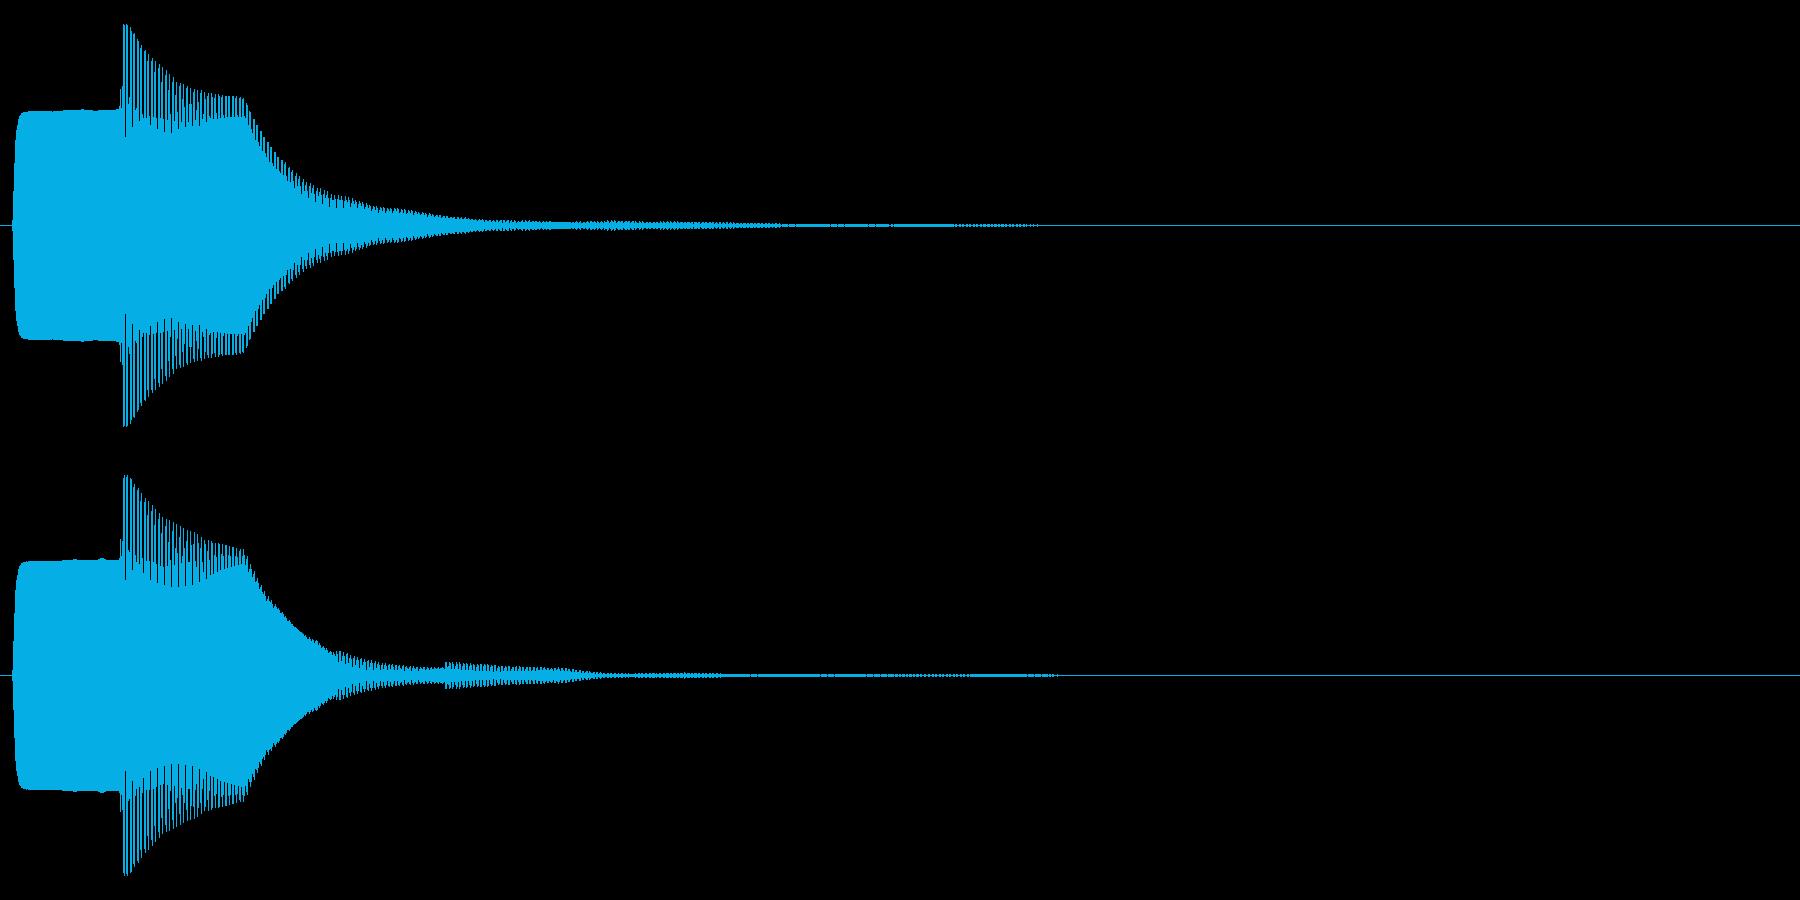 ピコン(キャンセル,終了,停止)_04の再生済みの波形